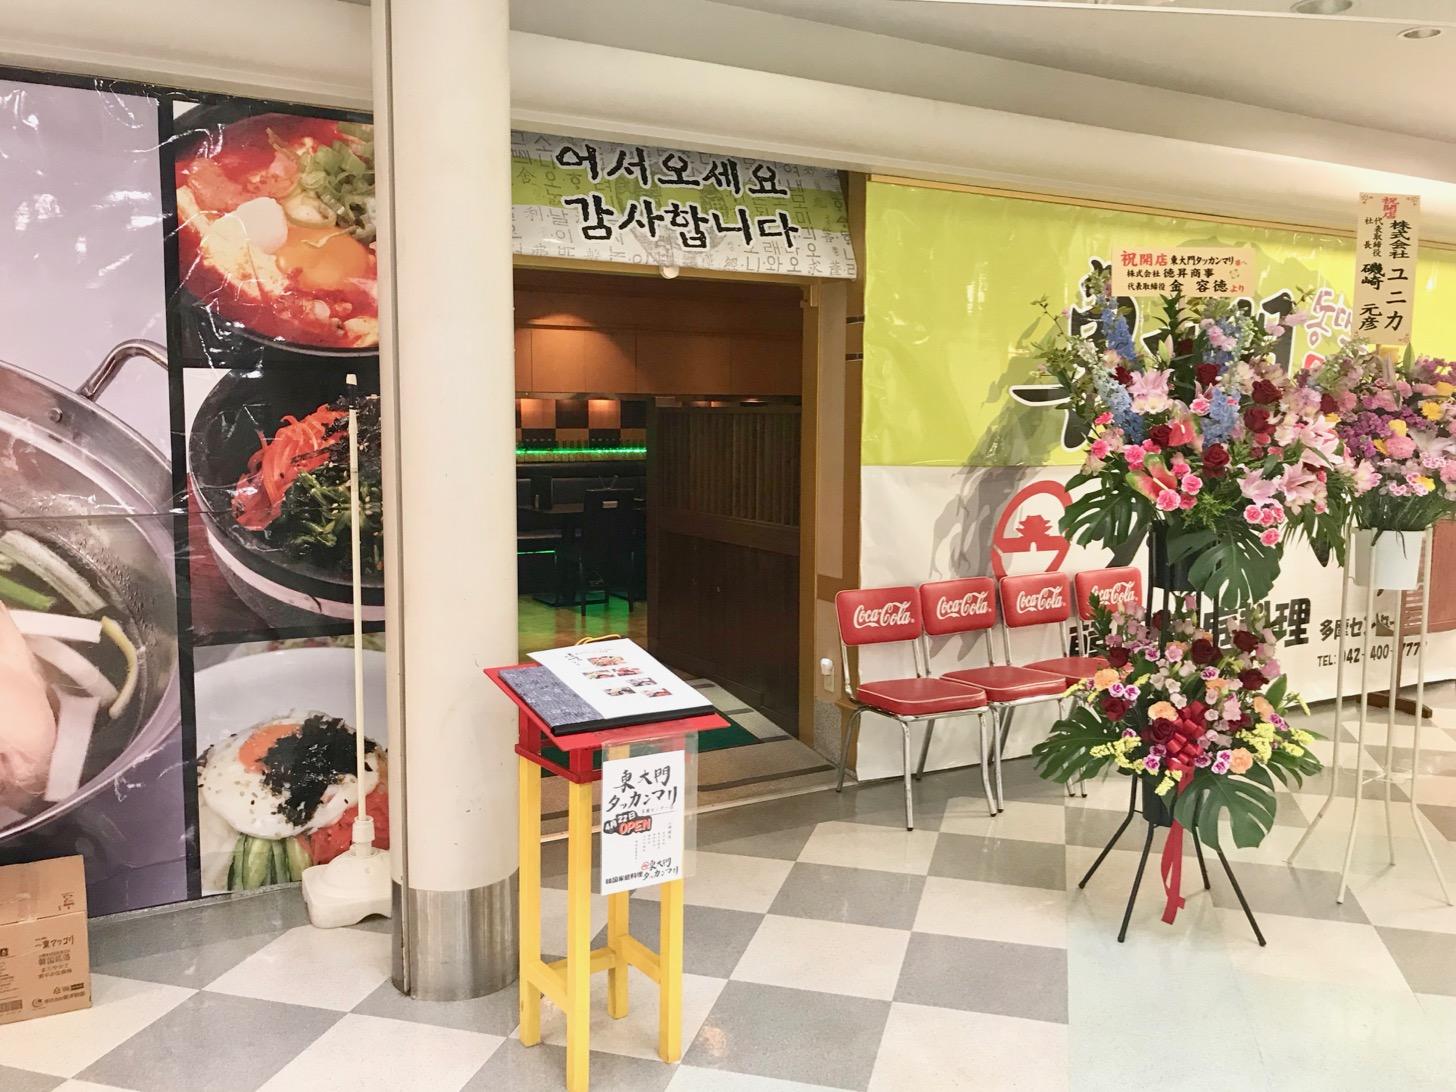 韓国家庭料理 東大門タッカンマリ多摩センター店